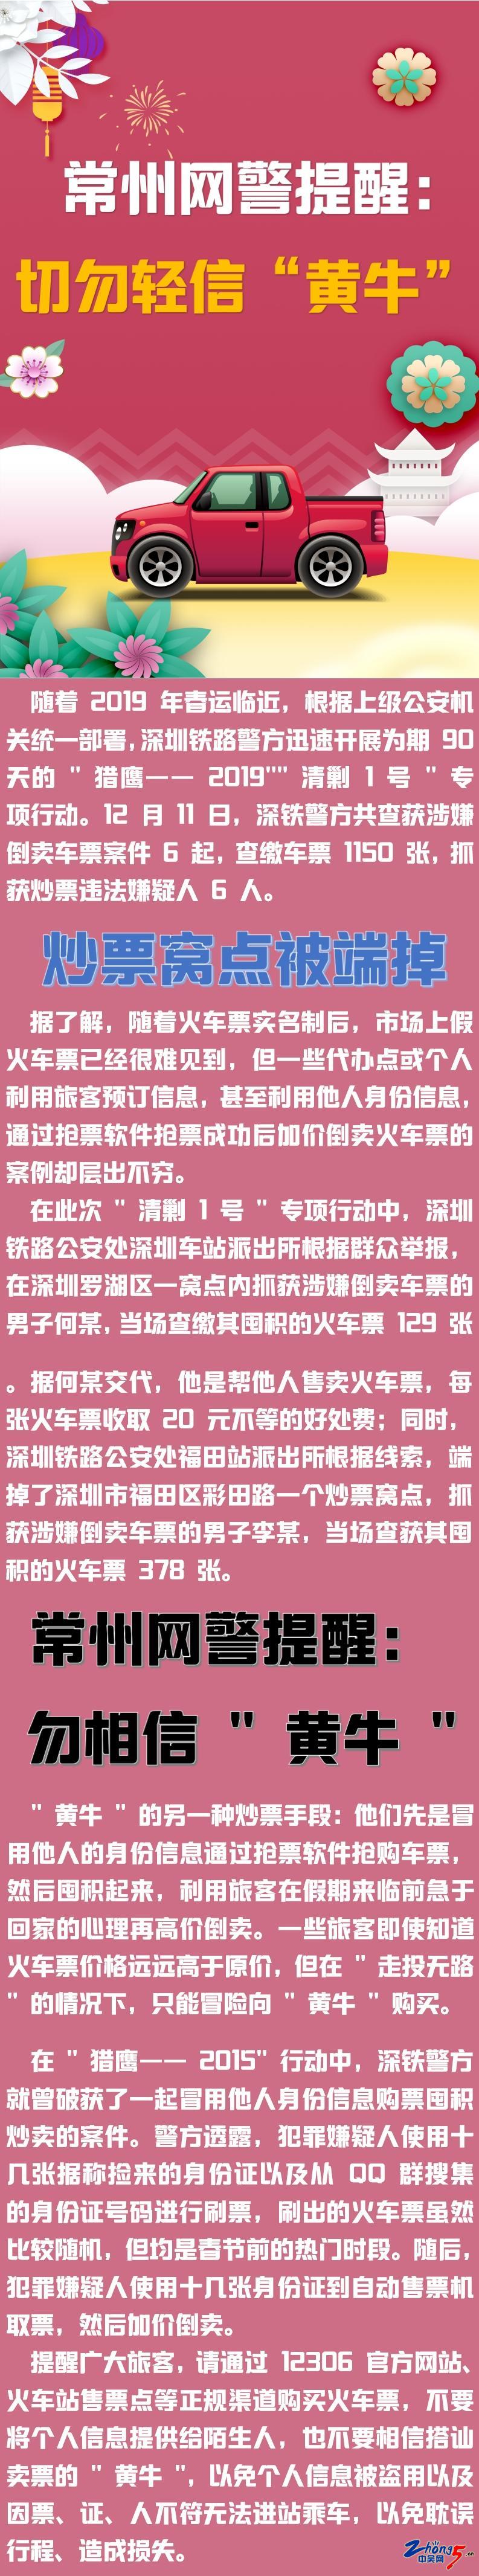 """【常州网警提醒:切勿轻信""""黄牛""""购买车票】.jpg"""